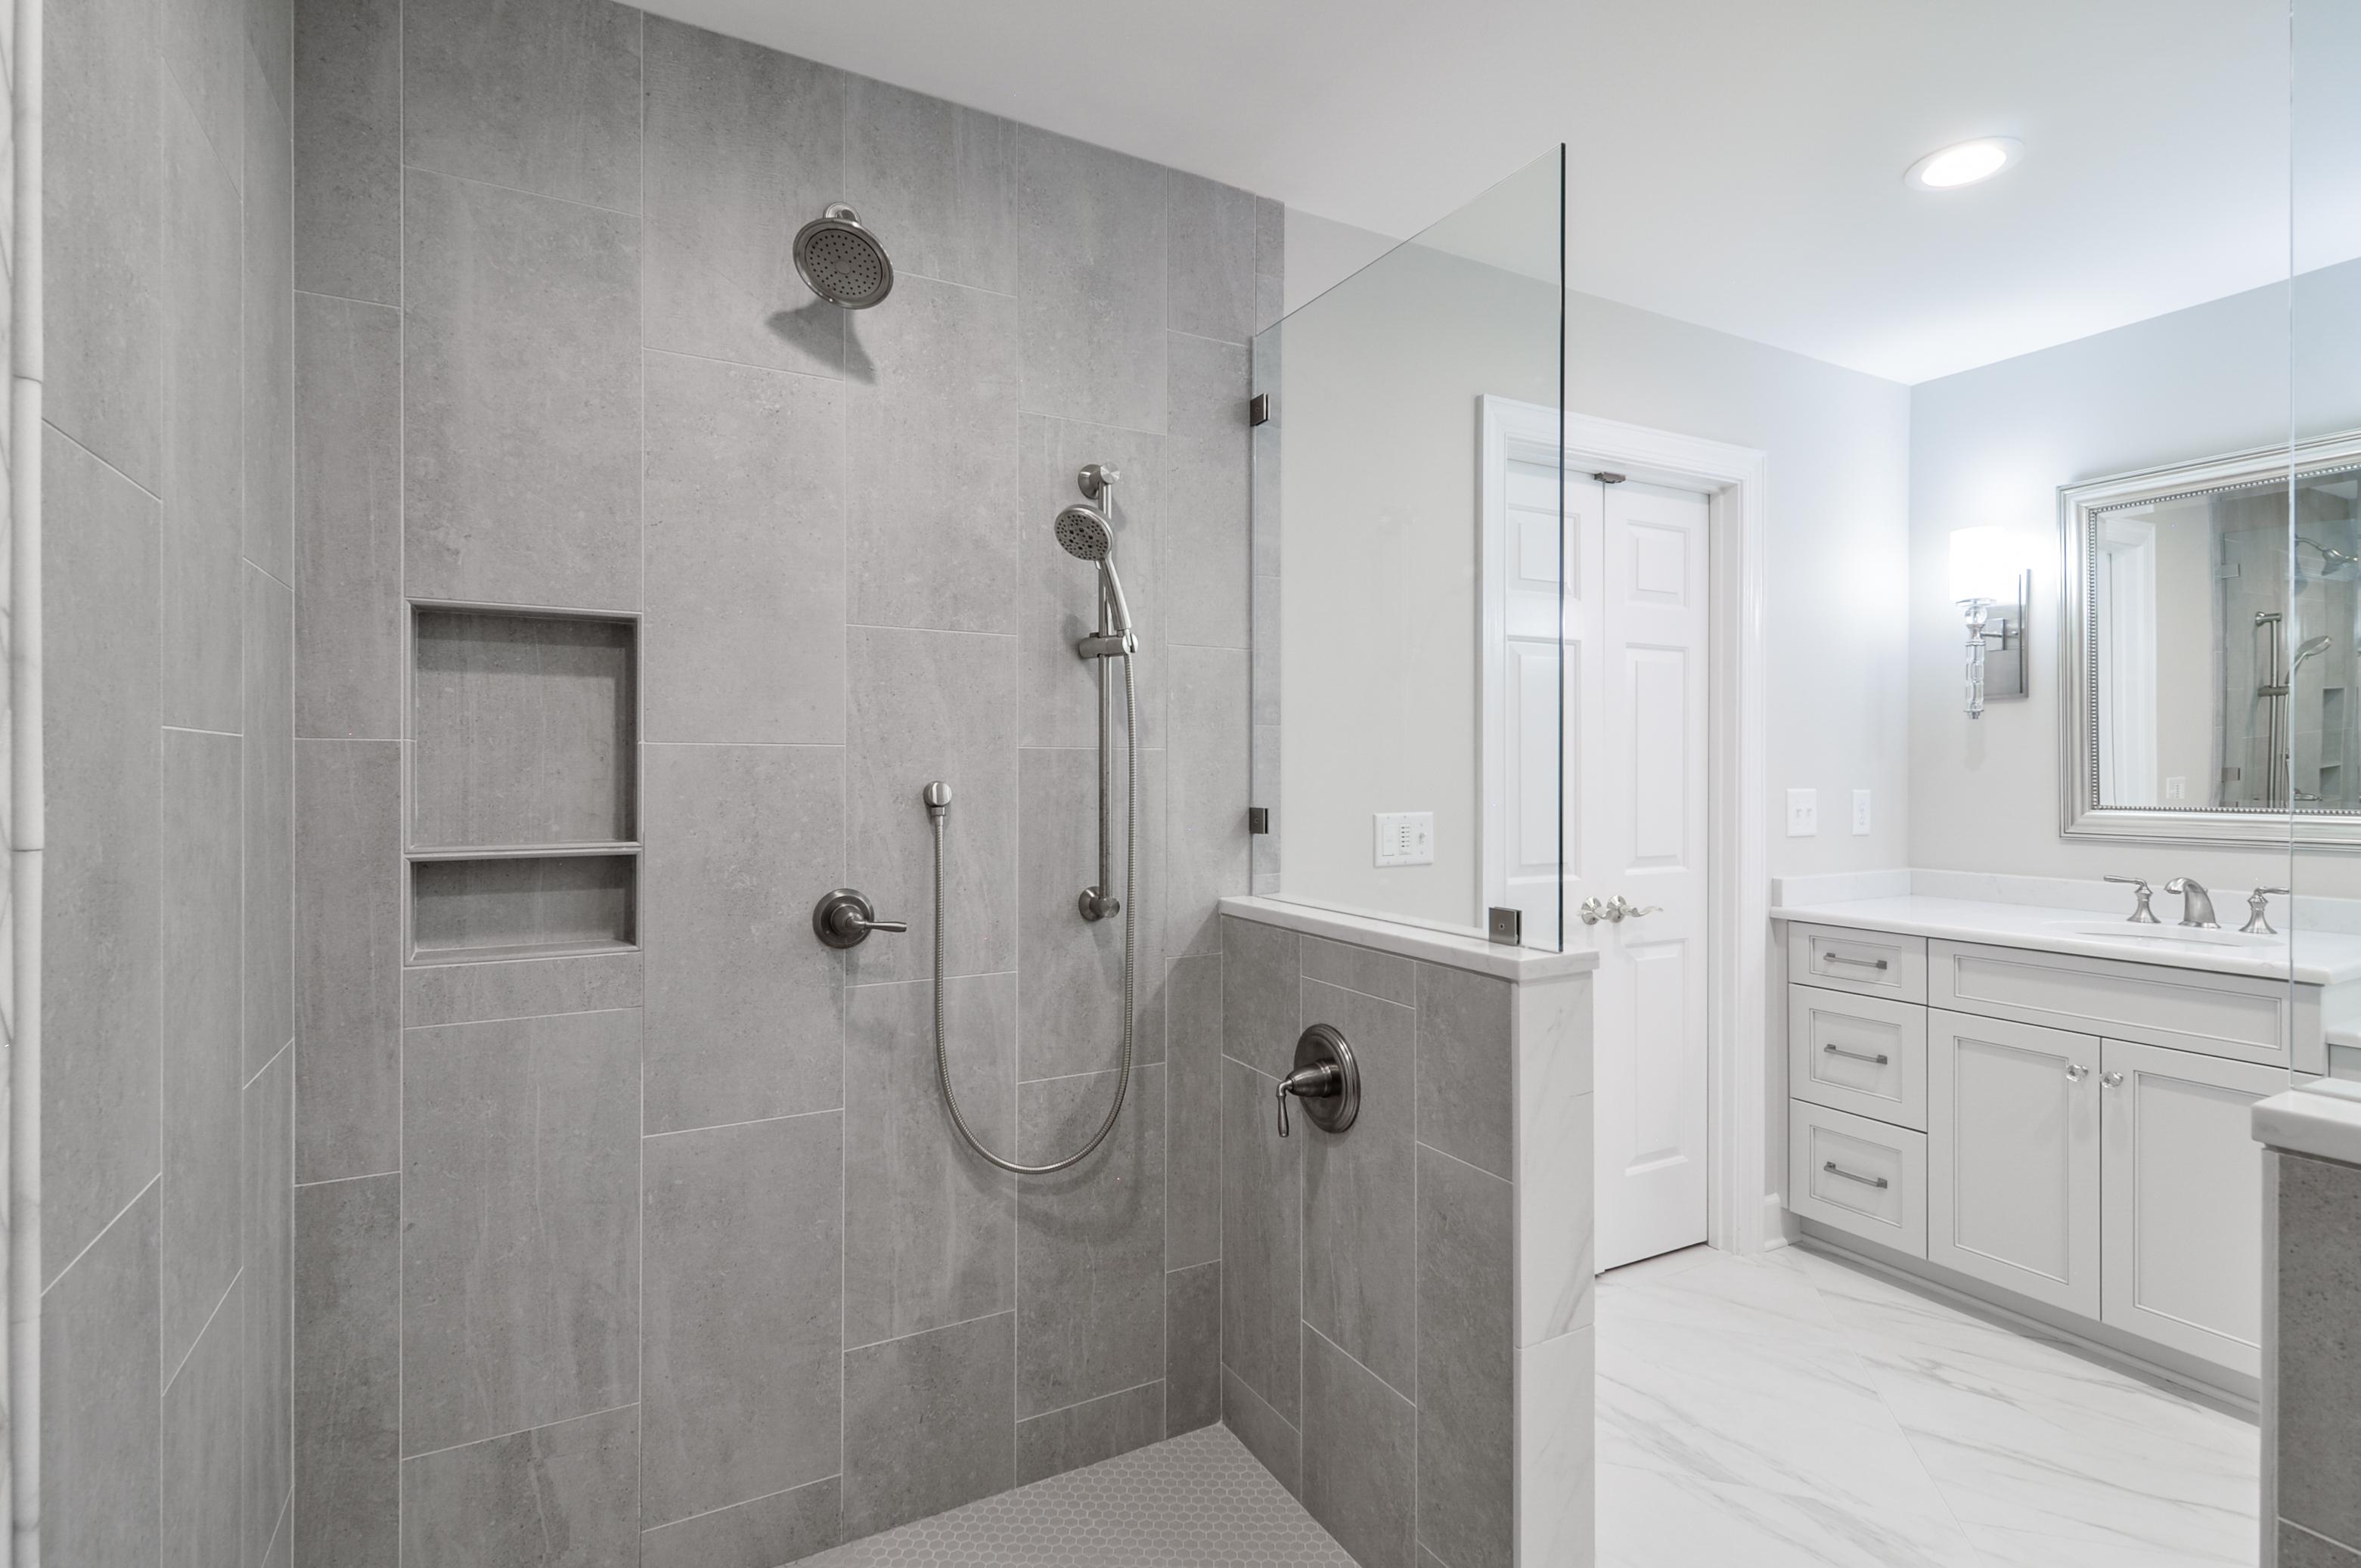 Ward_Master Bathroom (17)